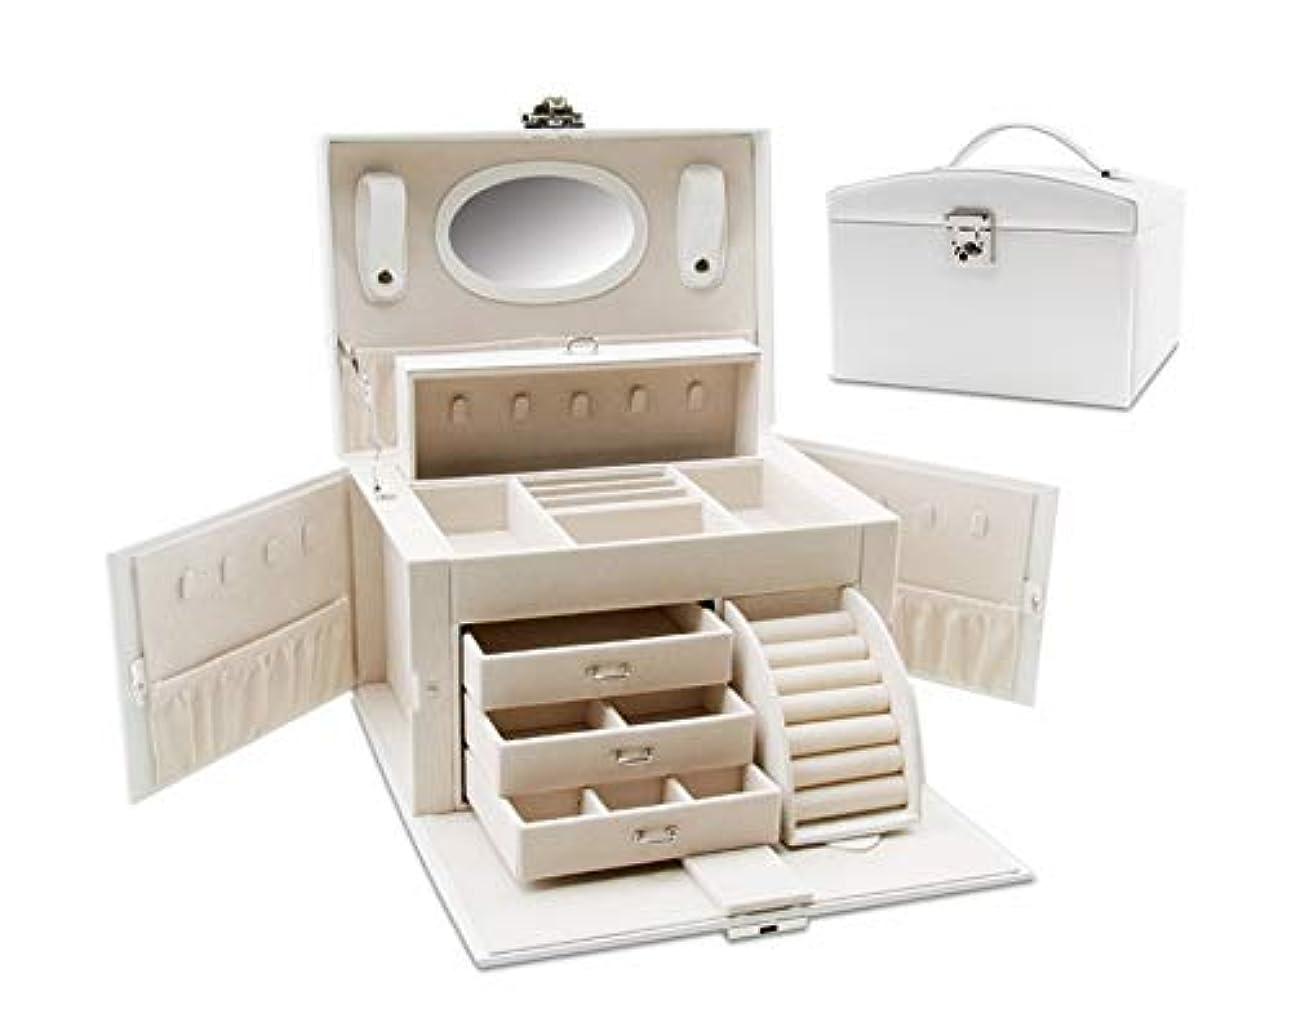 契約喜ぶさらに化粧オーガナイザーバッグ 小さなアイテムのストレージのための丈夫な女性のジュエリーの収納ボックス 化粧品ケース (色 : 白)